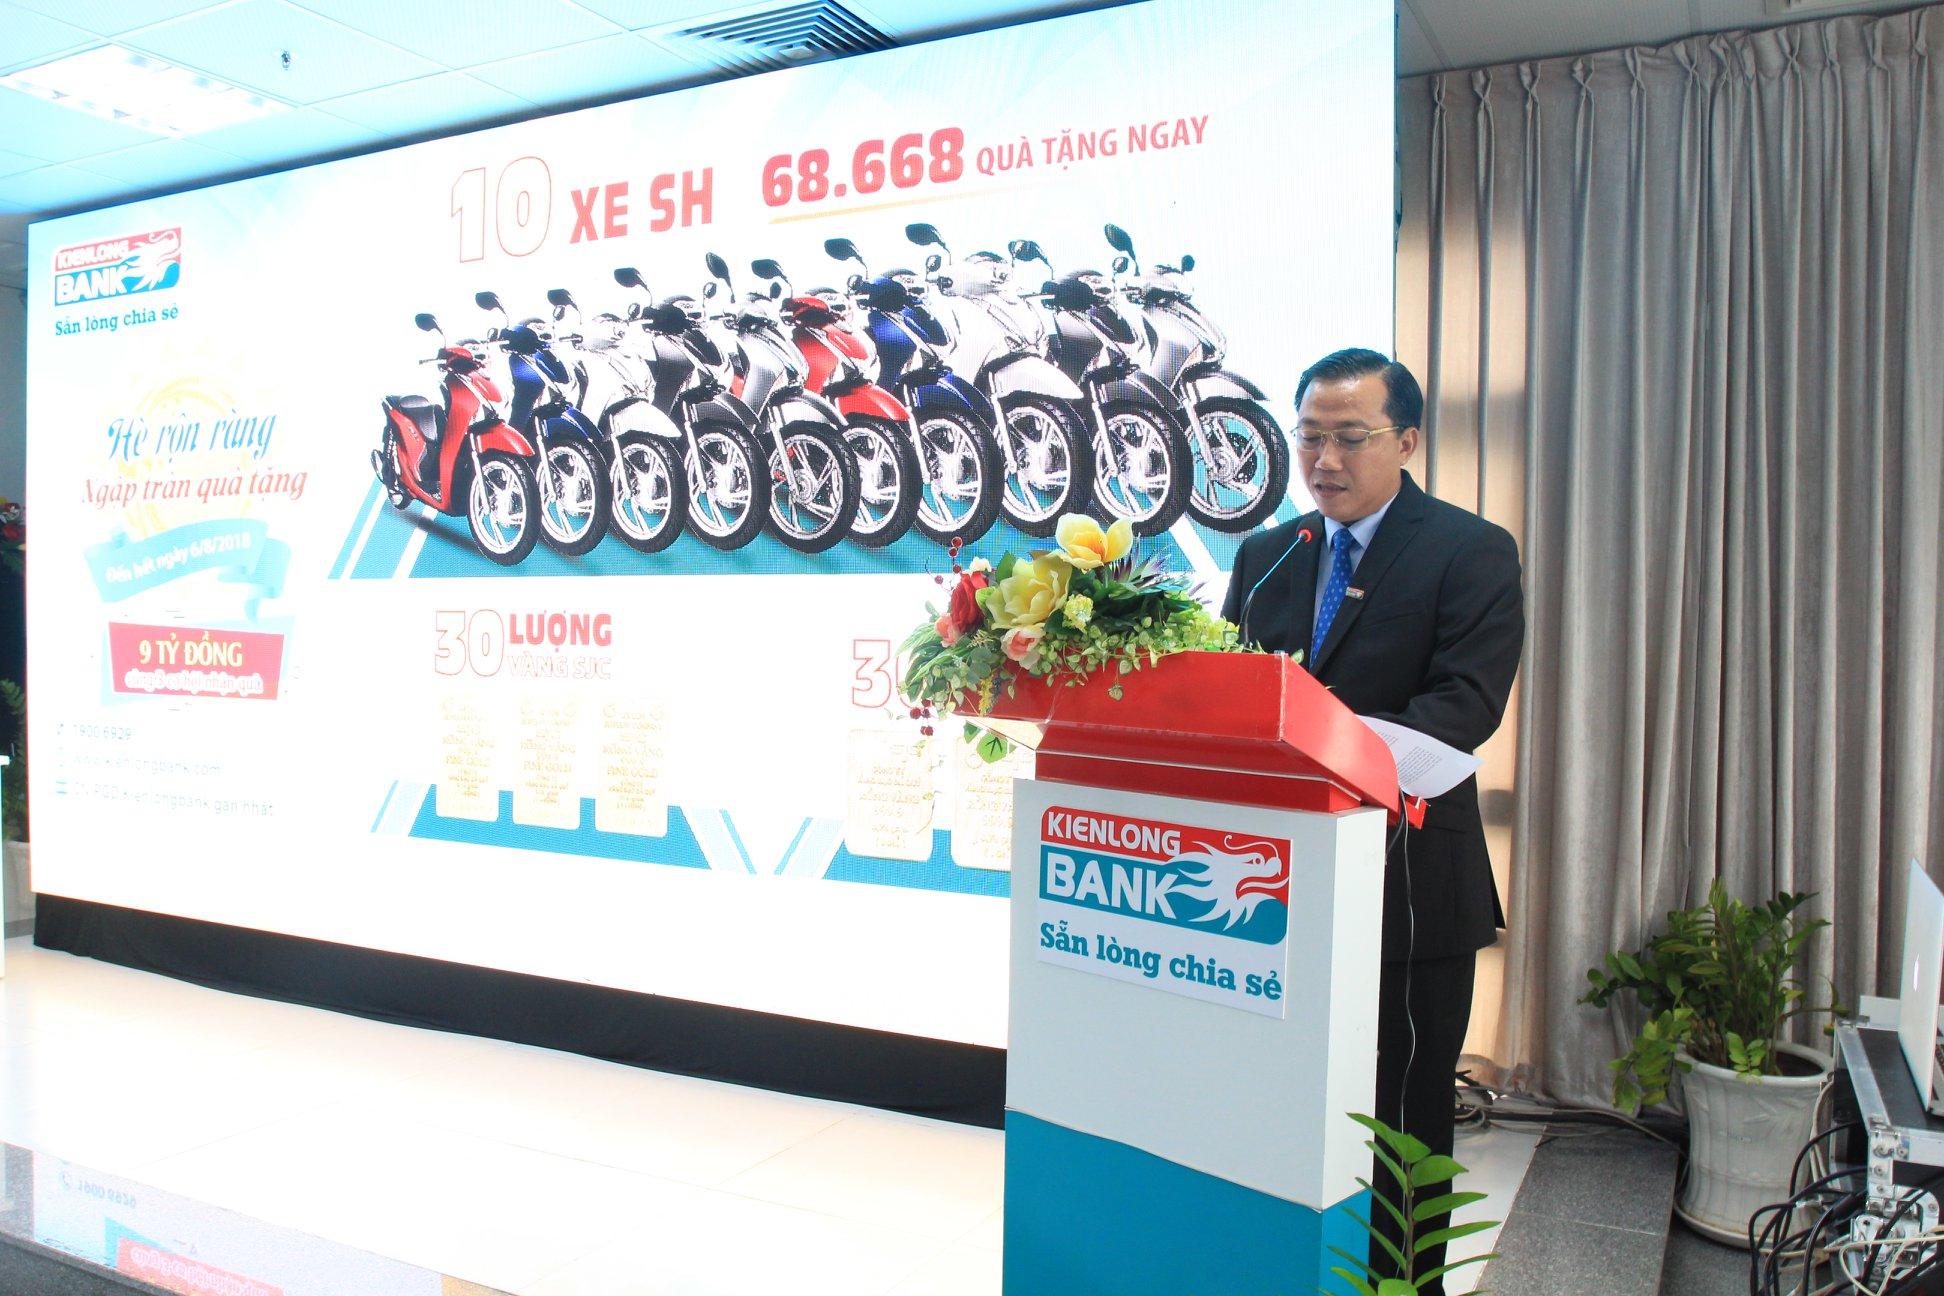 Ông Nguyễn Hoàng An - Phó Tổng Giám đốc phát biểu khai mạc